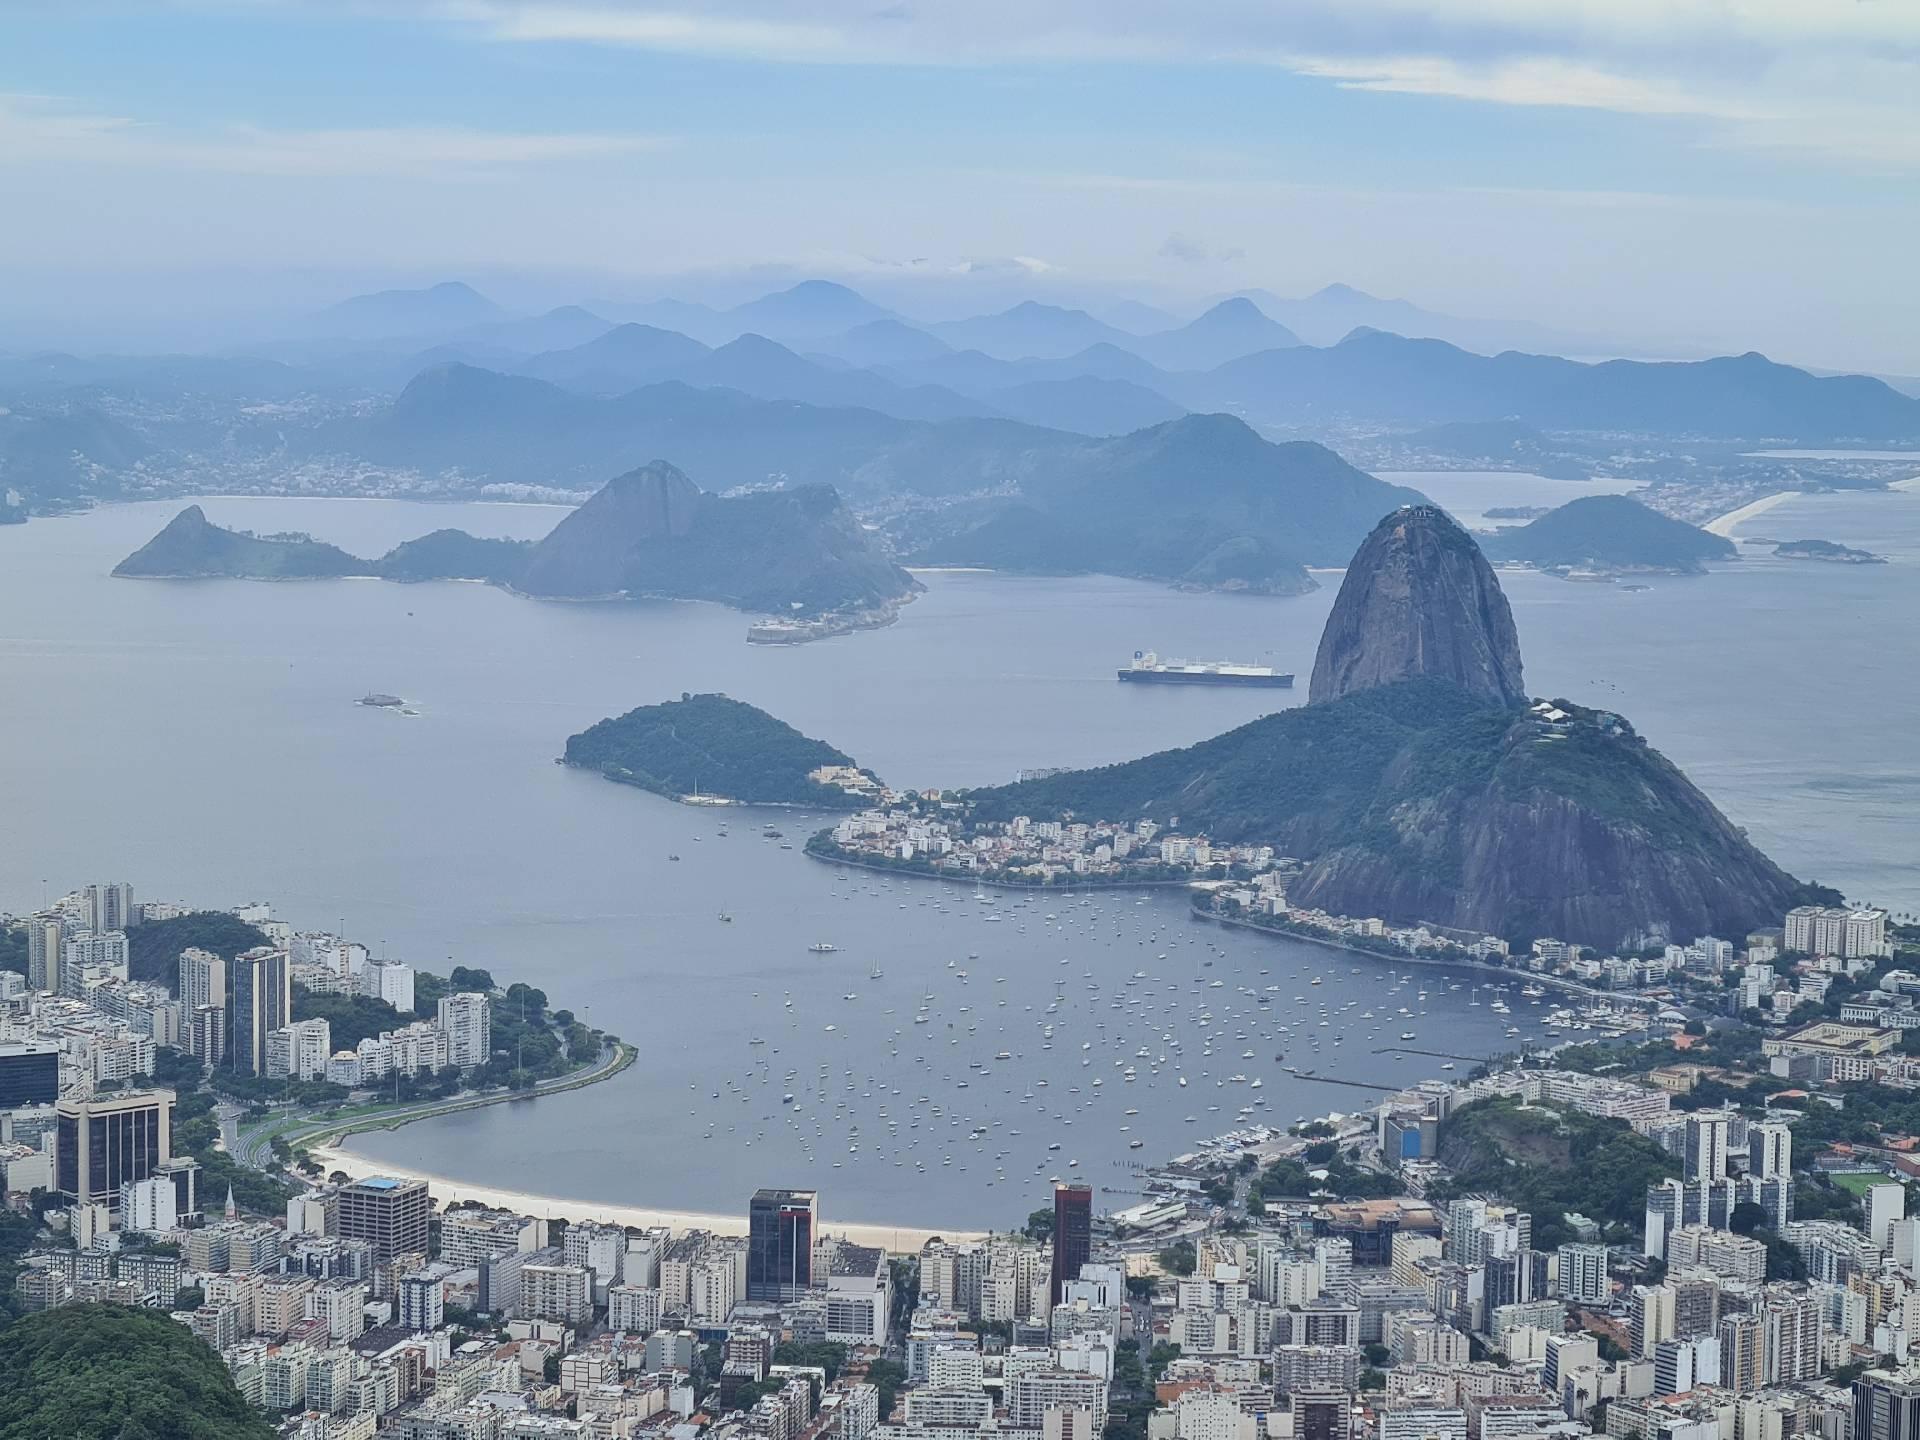 гора Сахарная Голова в Рио-де-Жанейро